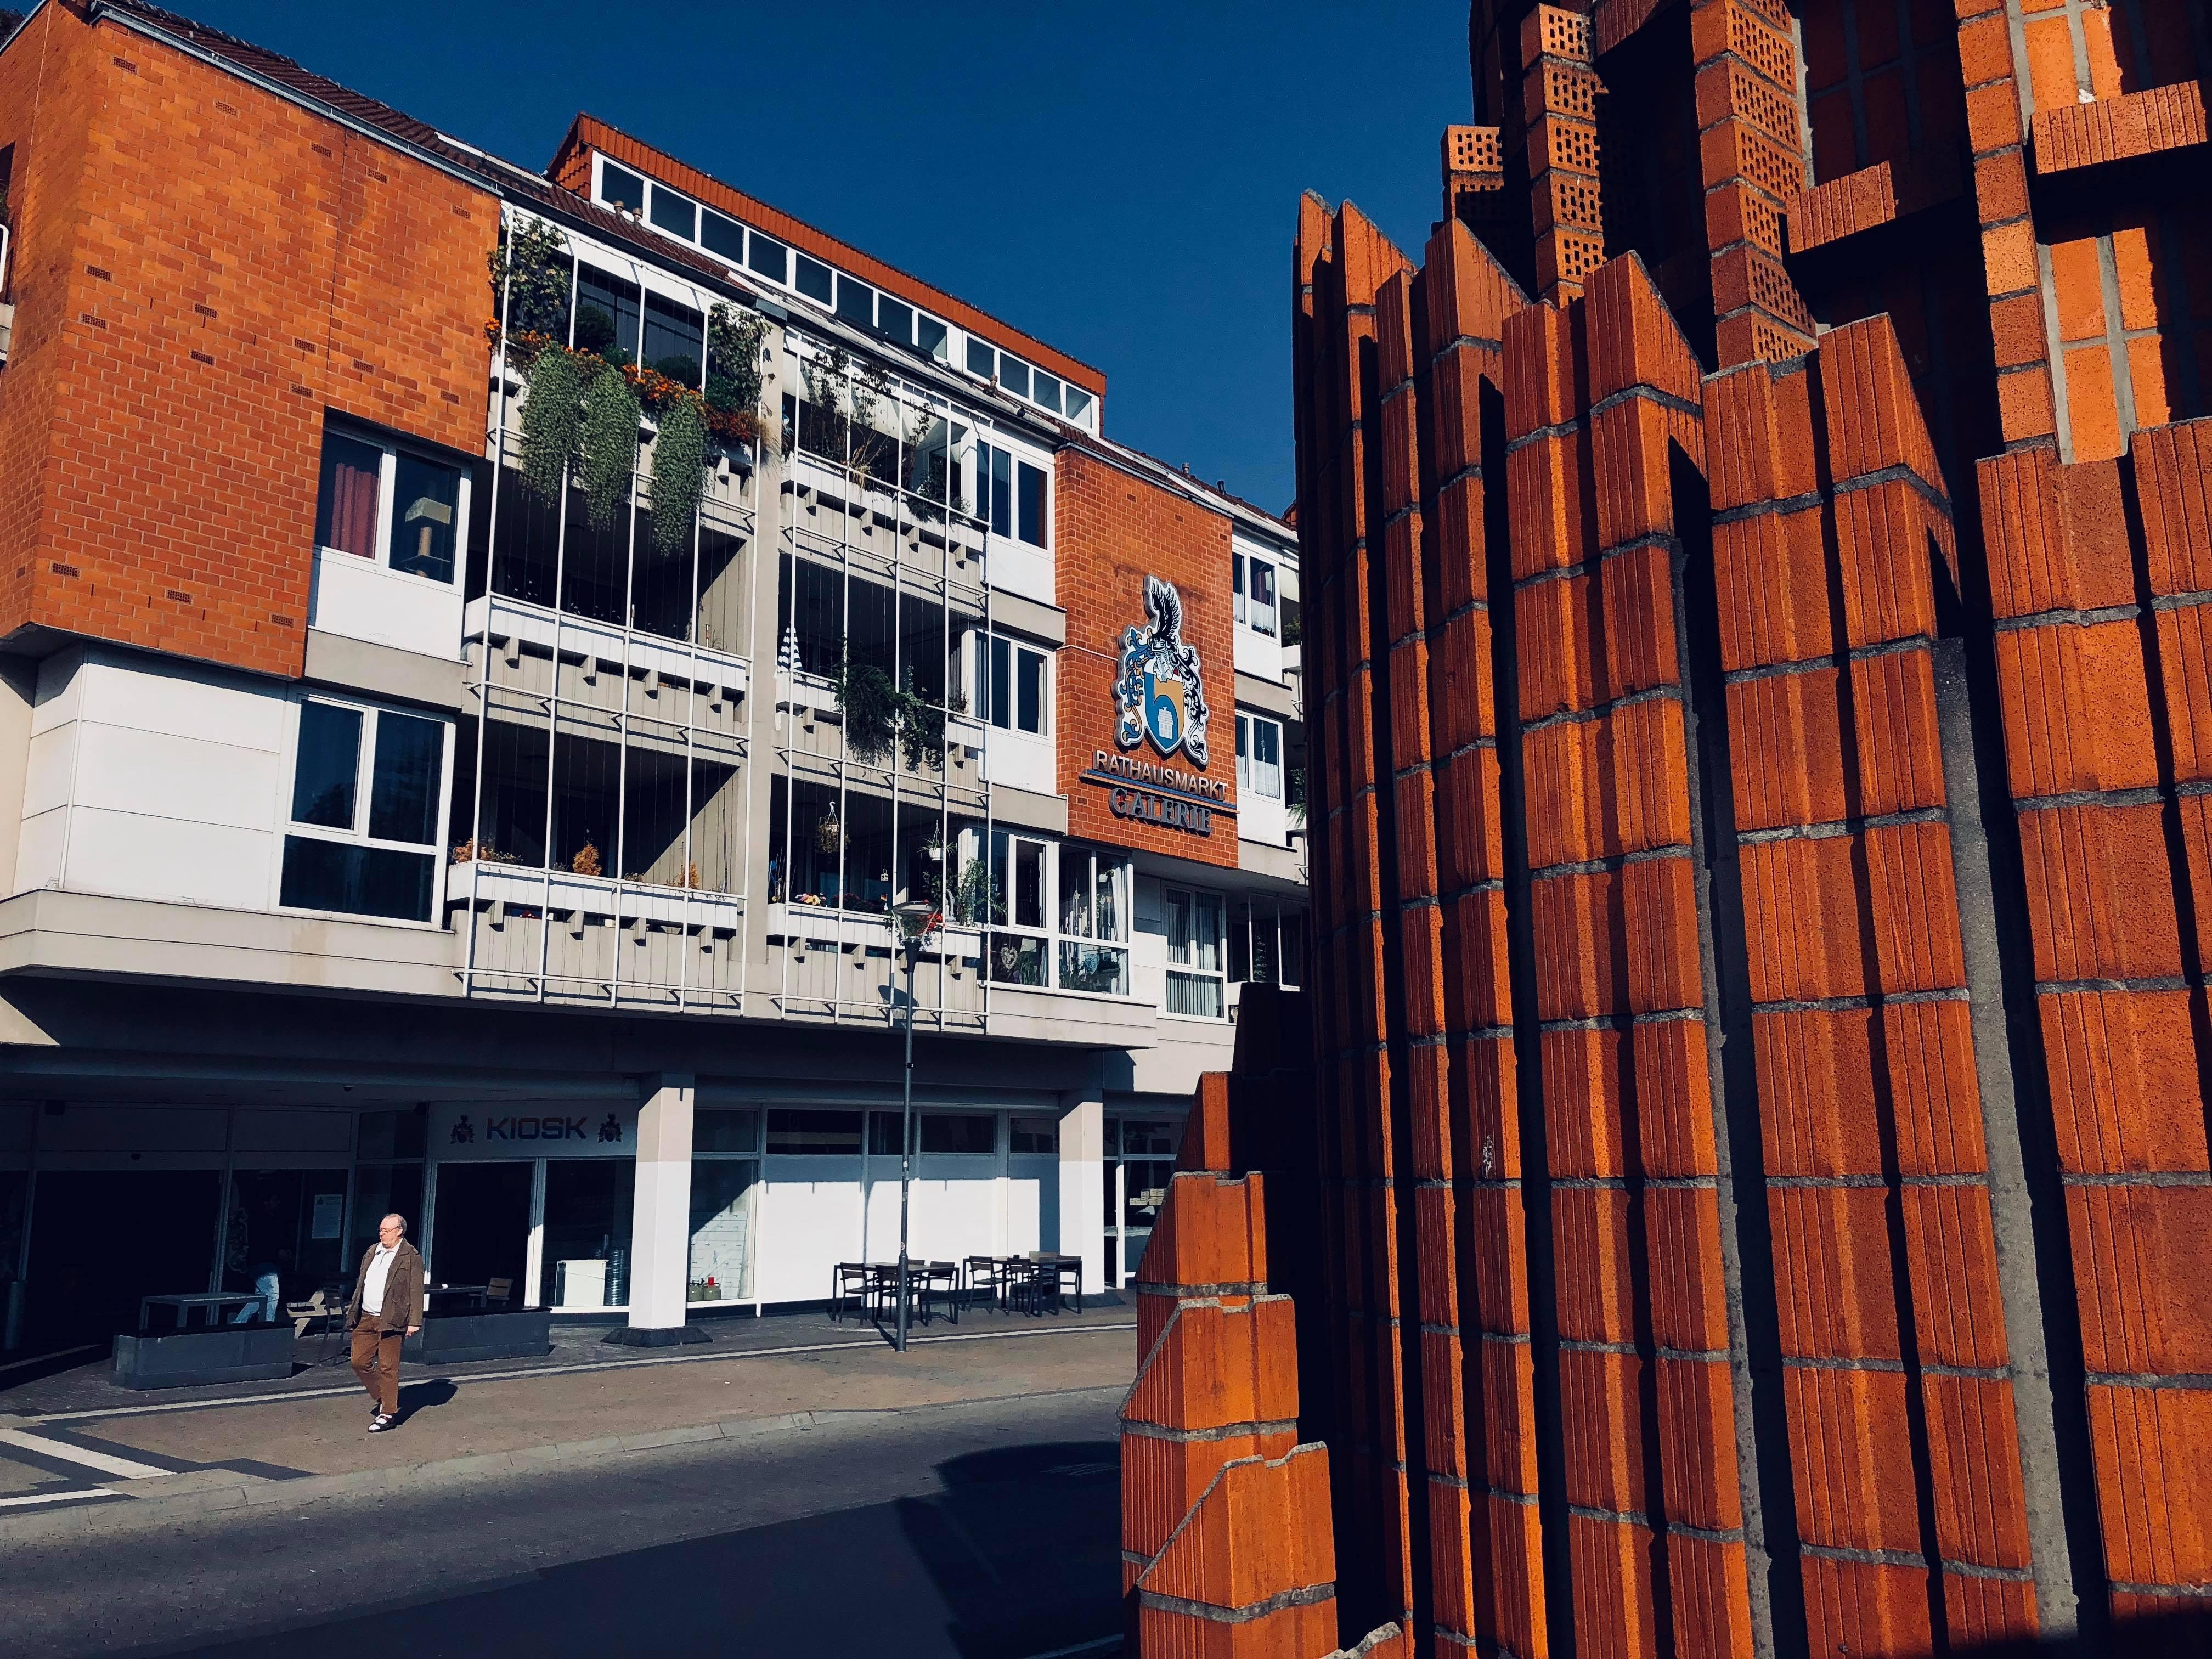 Rathausamarktgalerie